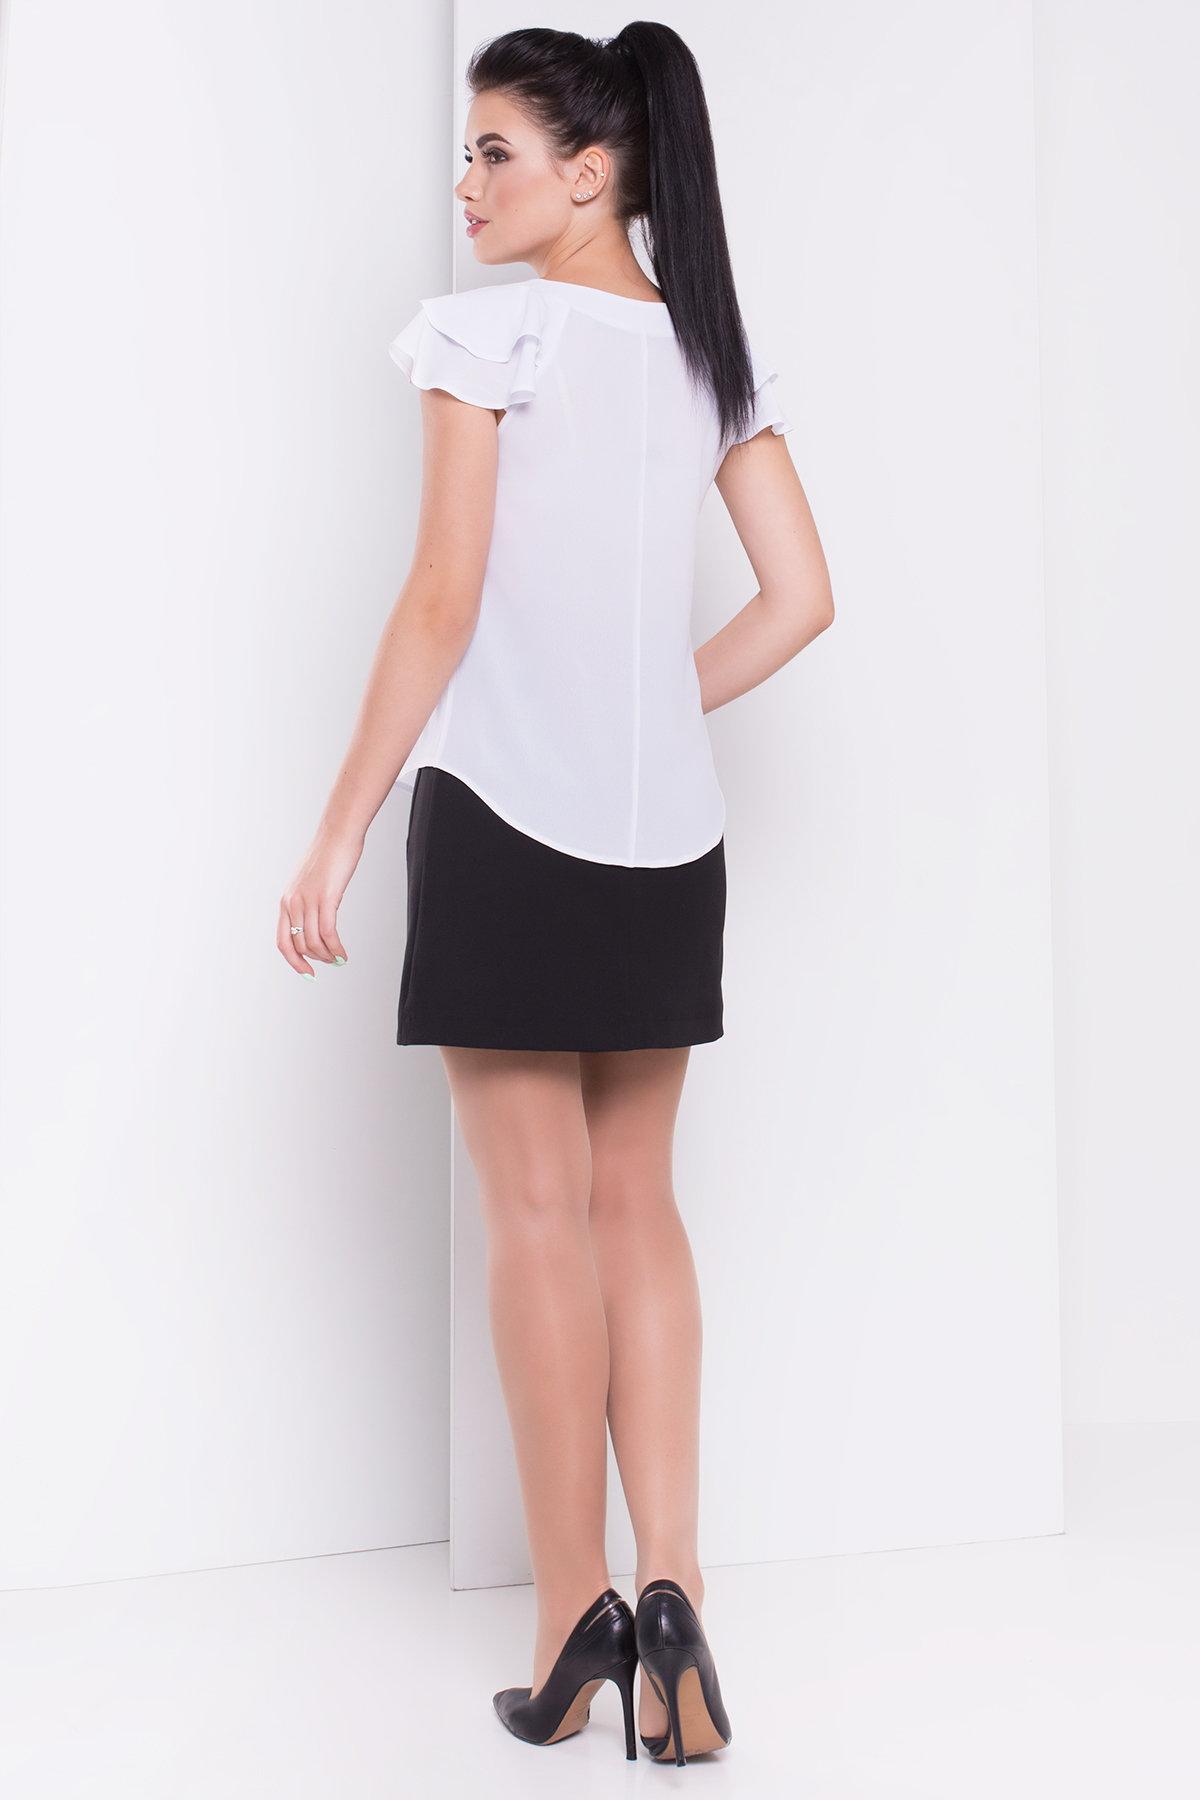 Блуза с воланами Инканто креп АРТ. 3811 Цвет: Белый - фото 2, интернет магазин tm-modus.ru